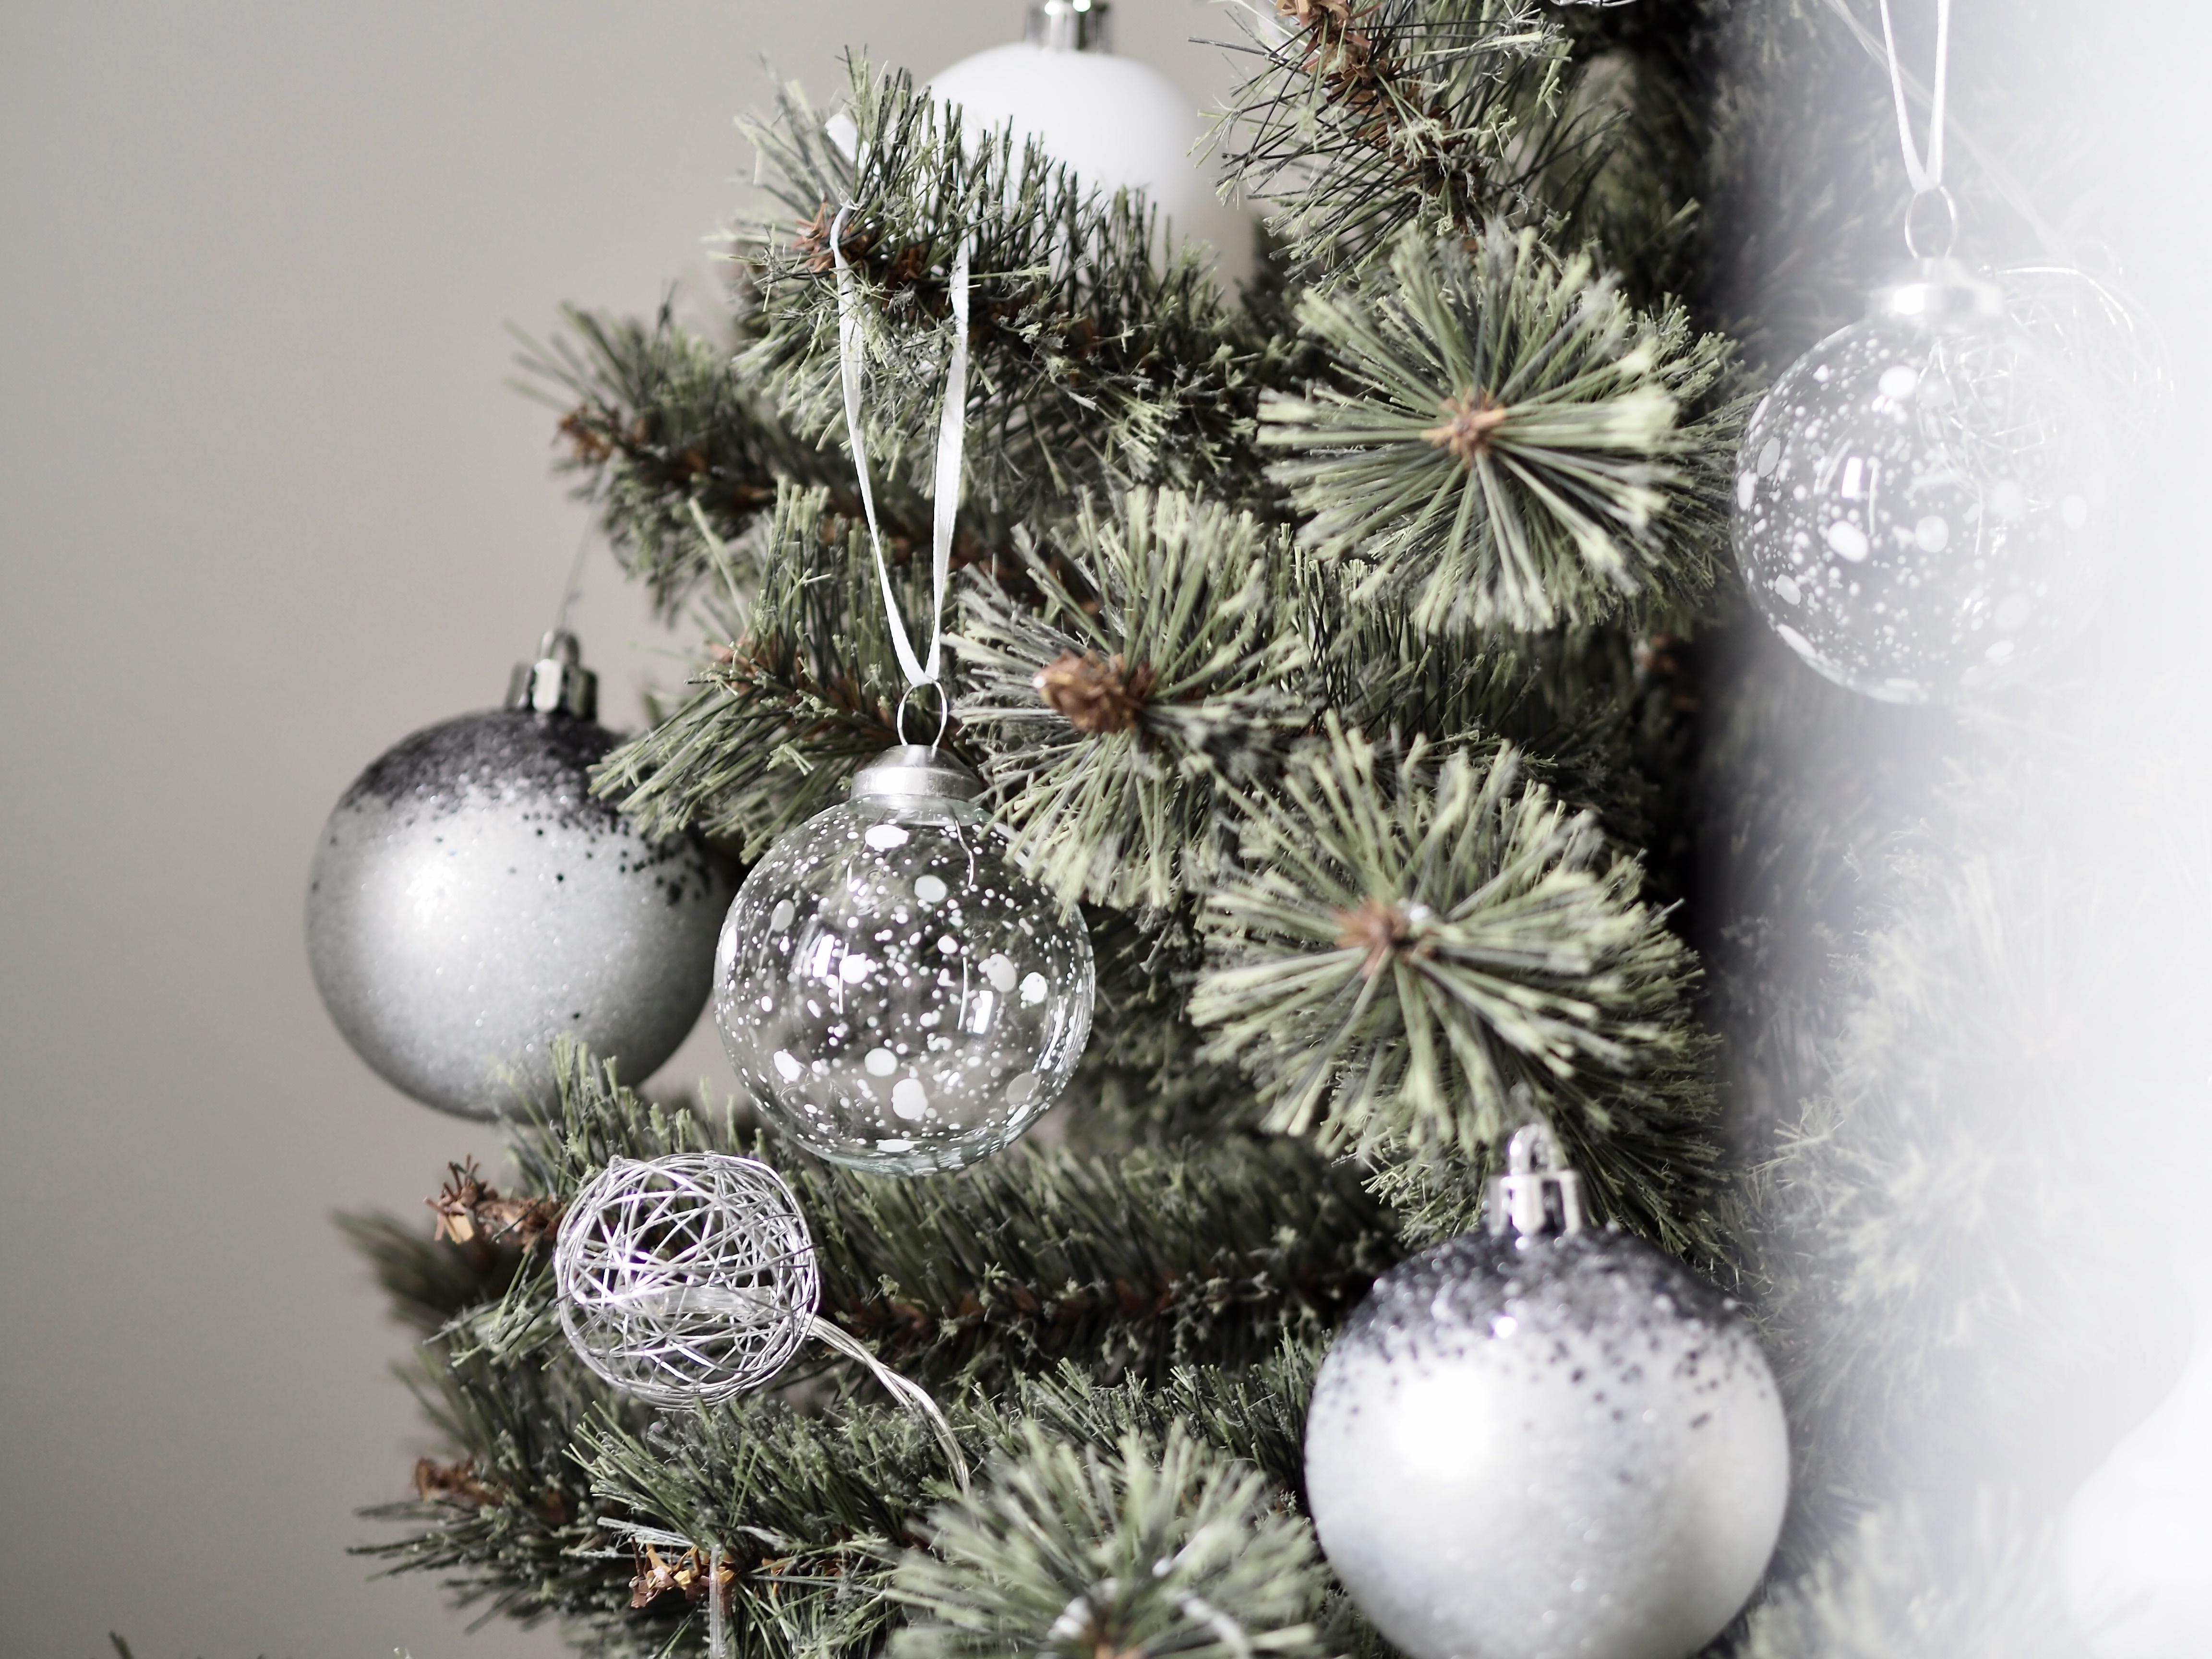 《IKEA クリスマスオーナメント》ツリーがおしゃれに♪おすすめデコレーショングッズ*